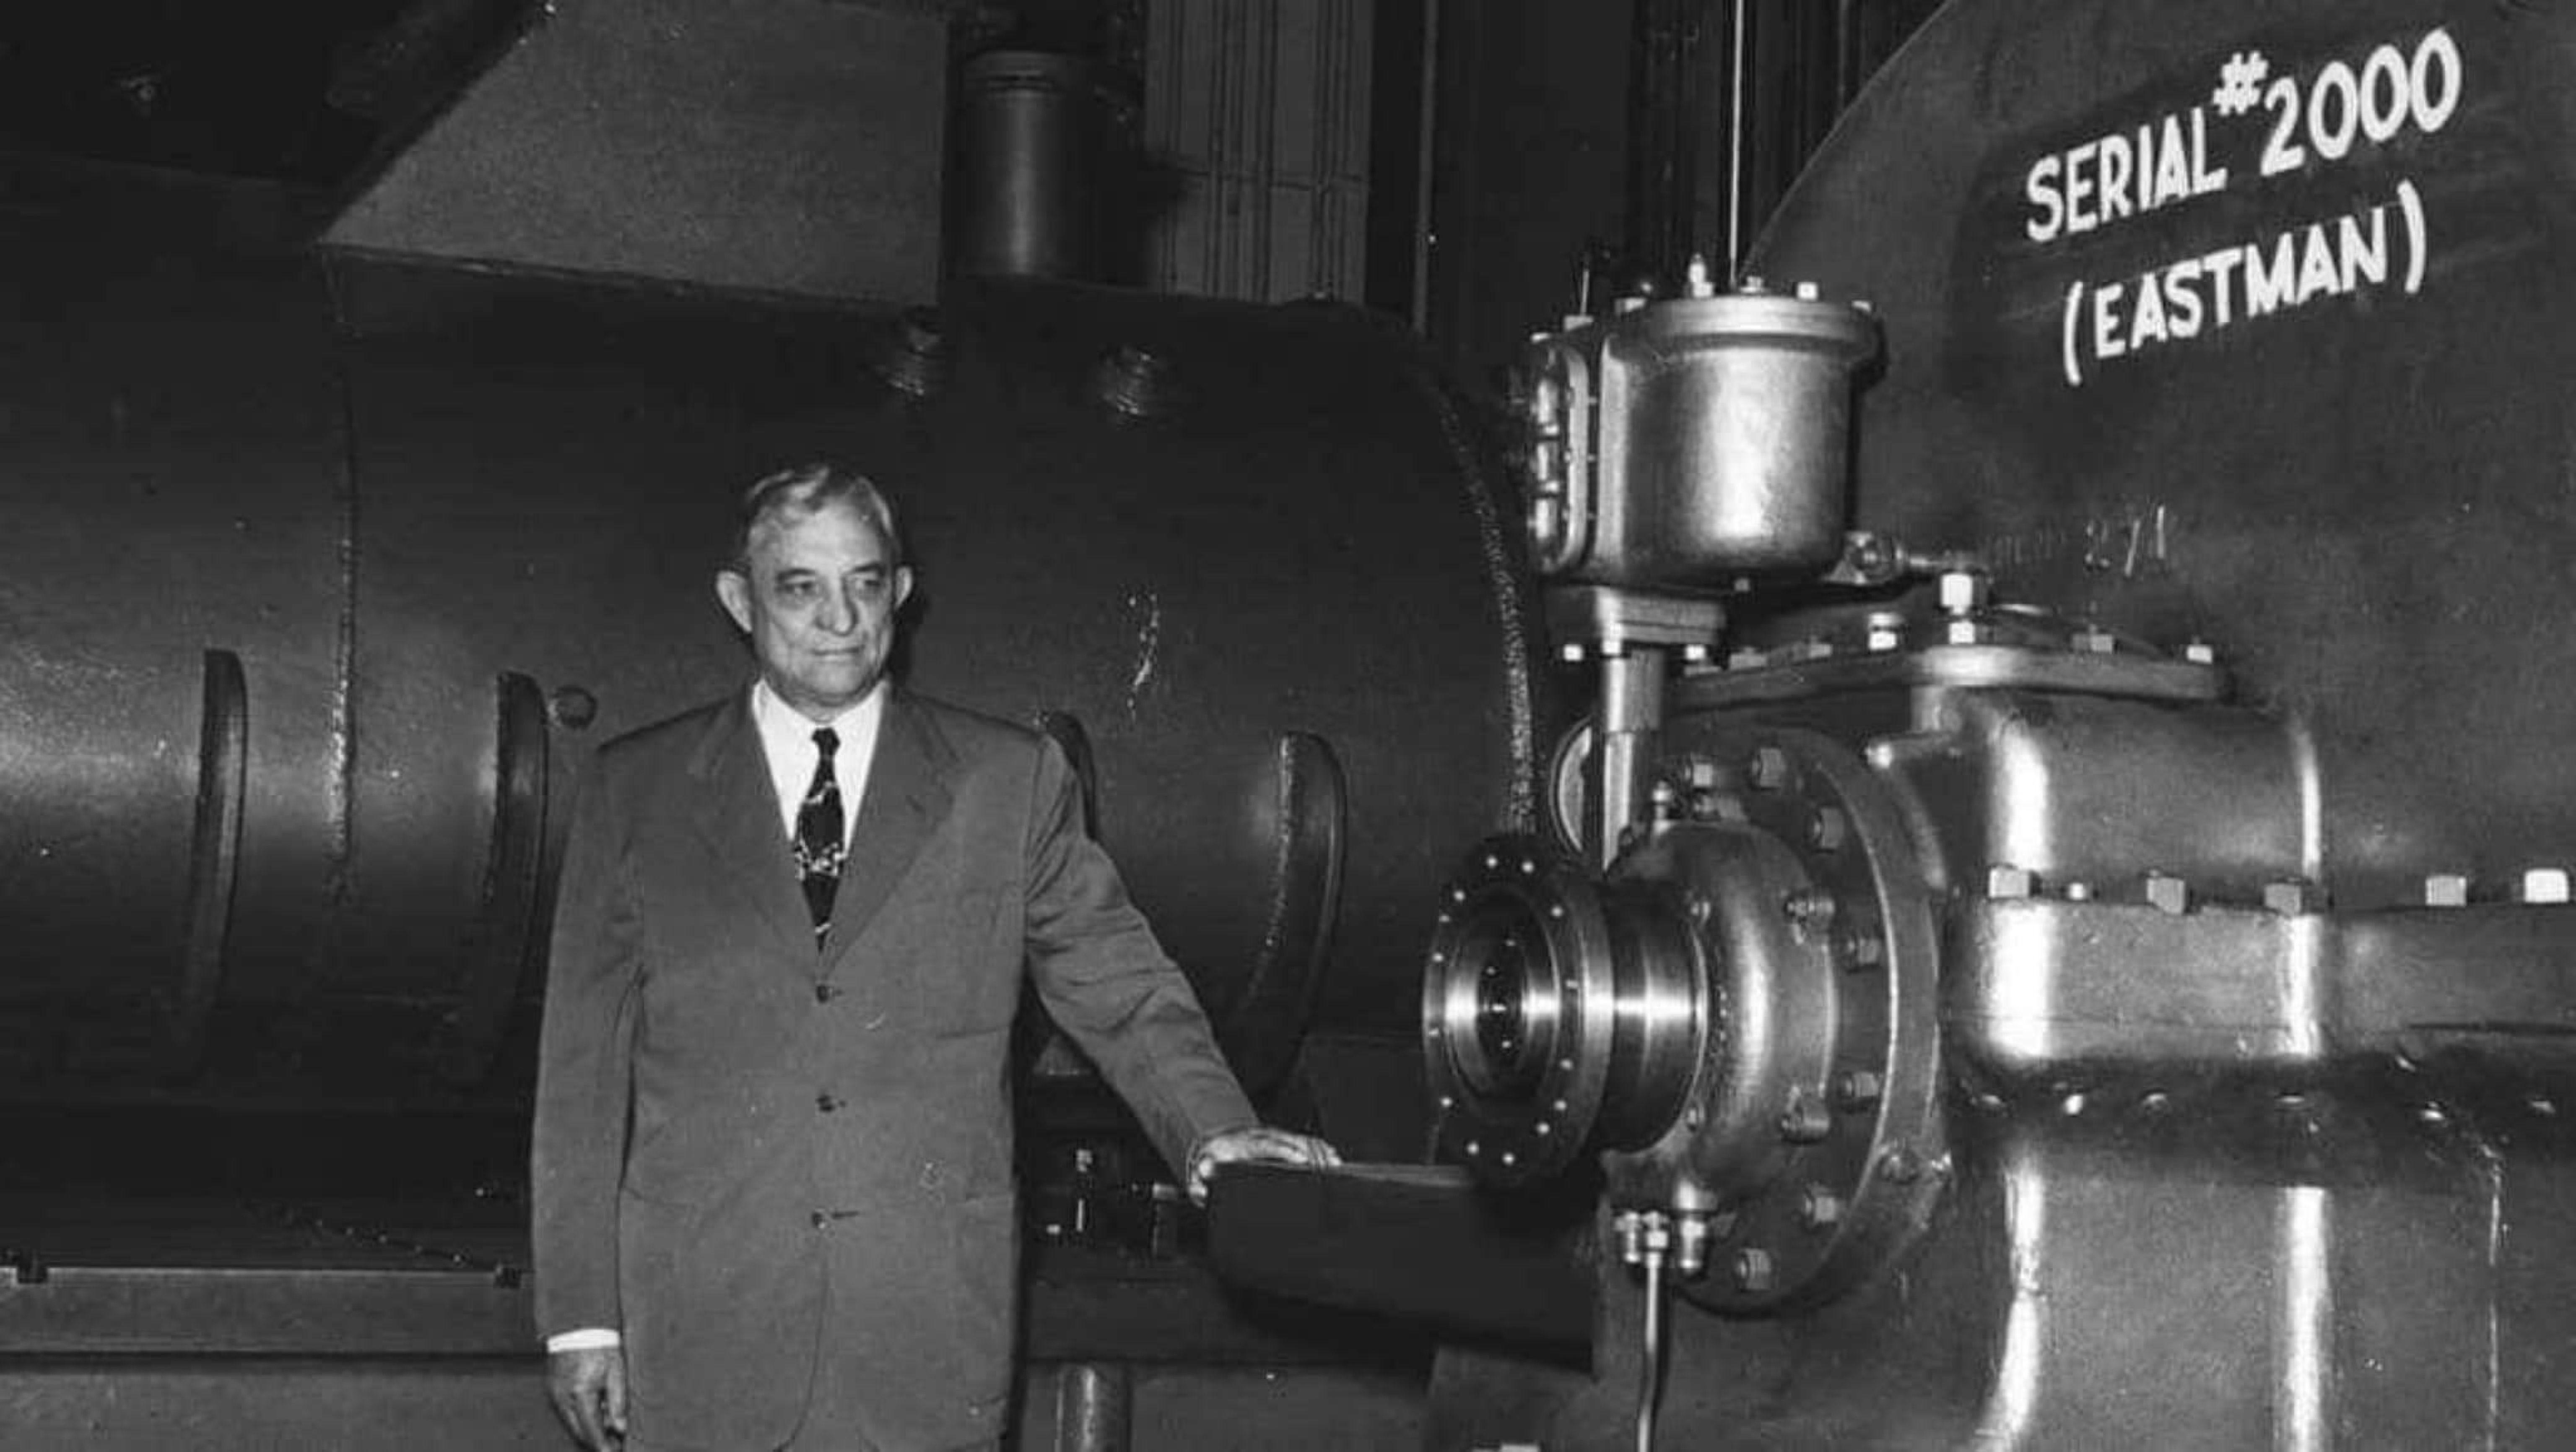 ويليس هافيلاند كارير، هو رجل أعمال ومهندس أمريكي، اشتهر